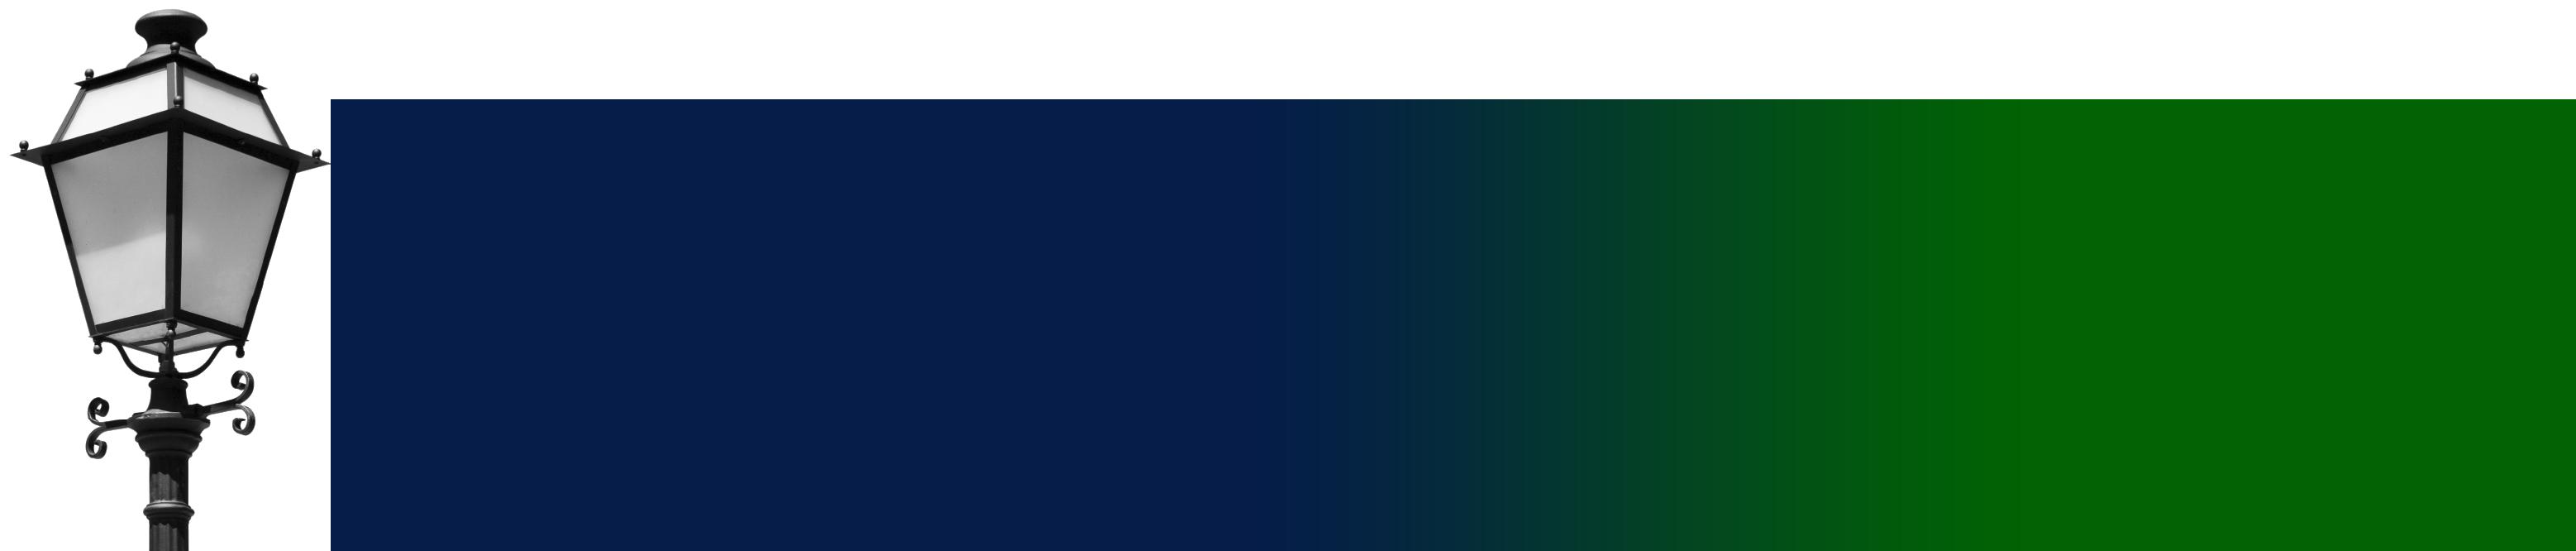 Worthington Energy Consultants